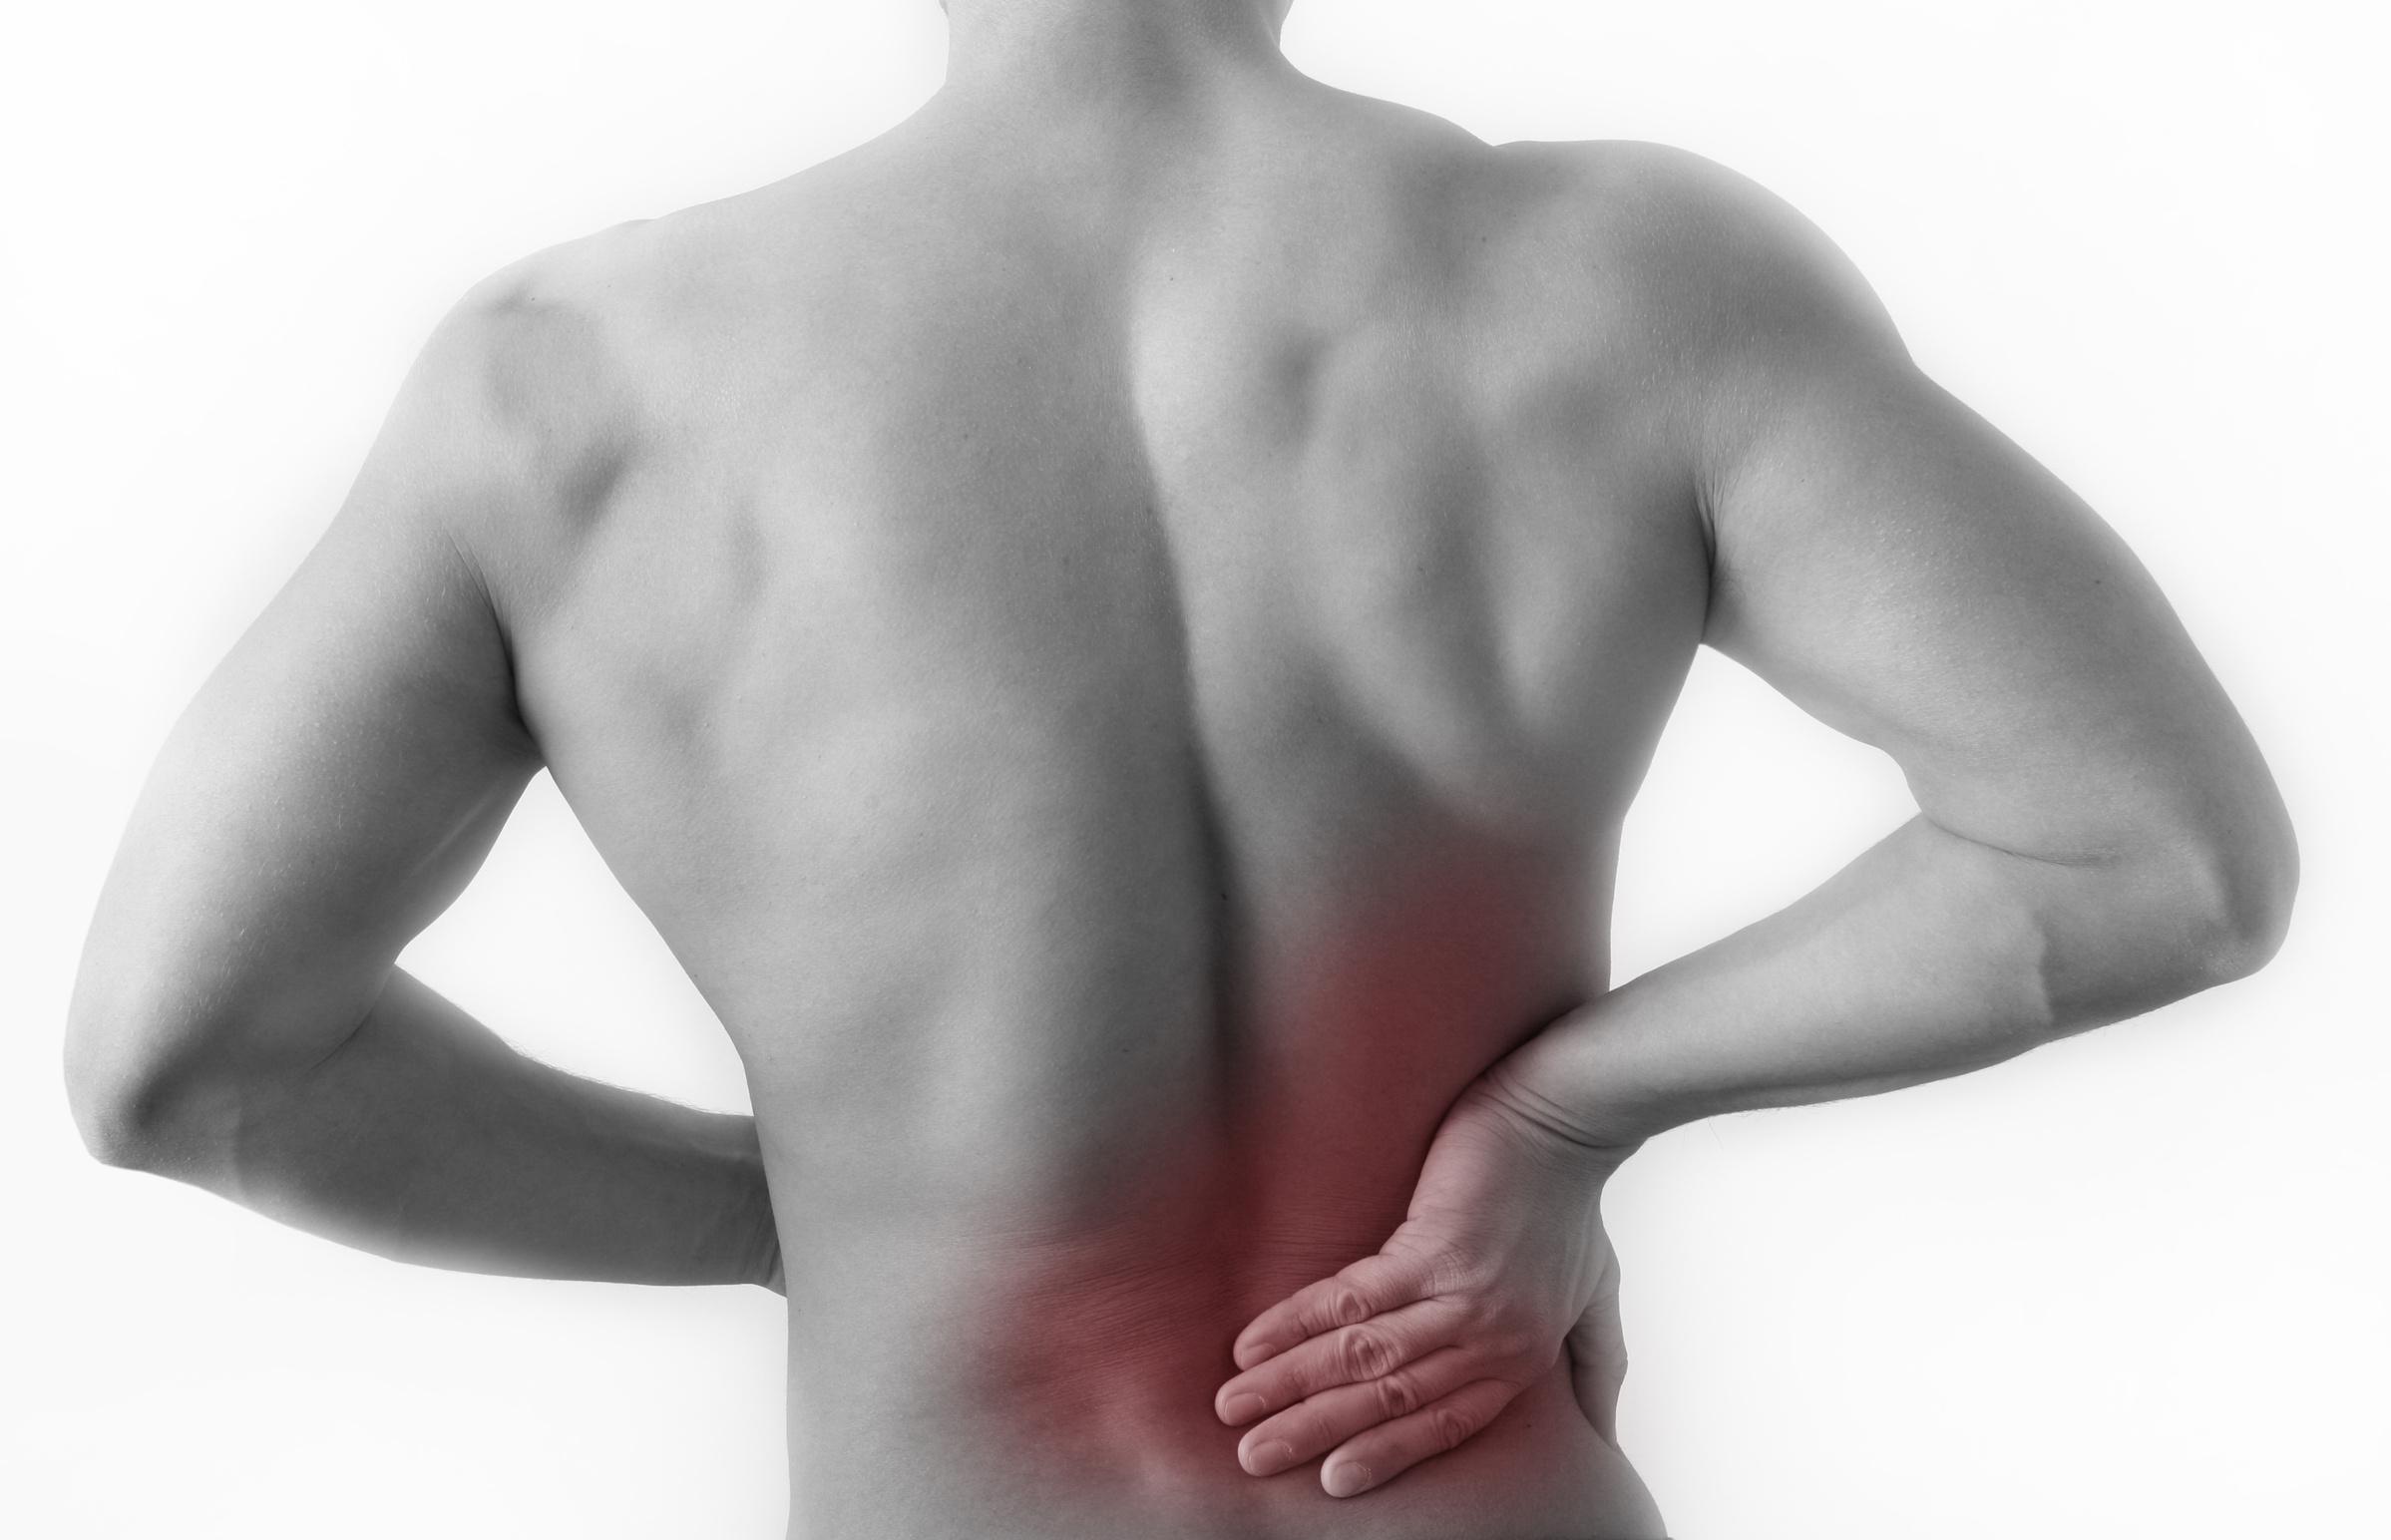 lage rugpijn spierpijn